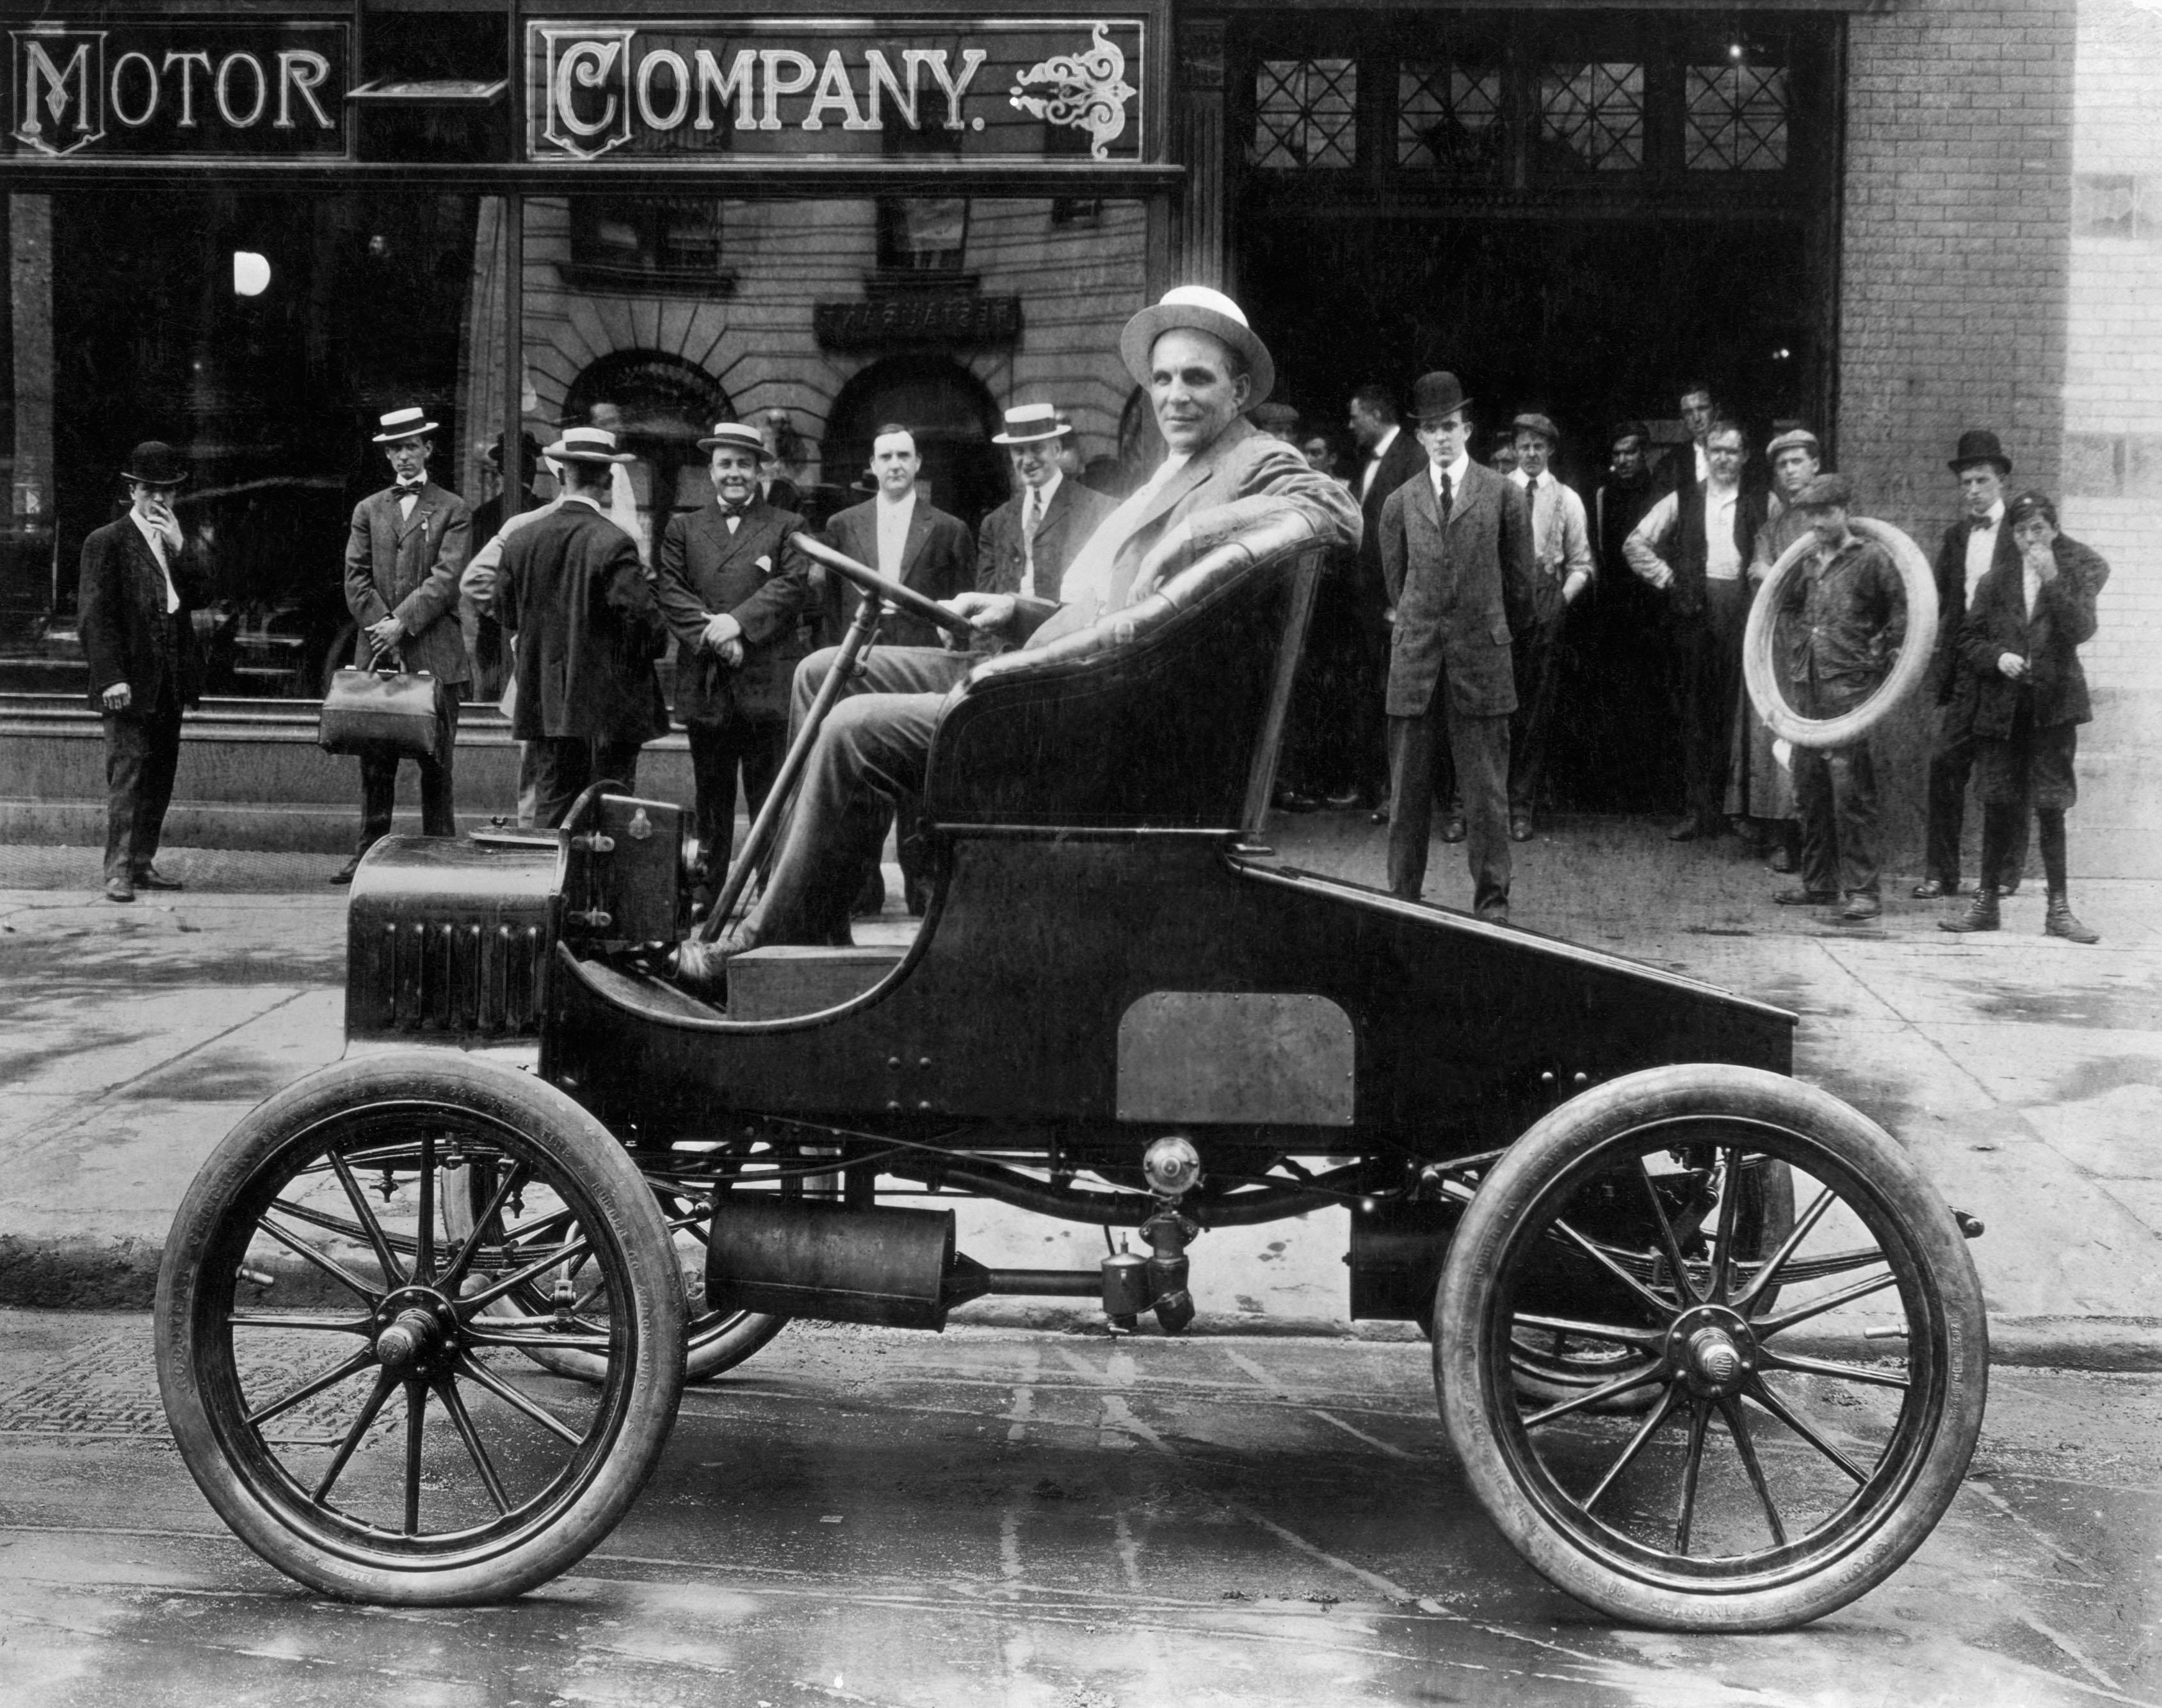 Генри Форд, сидящий в одном из своих автомобилей, сделанных в начале 1900-х годов. Датировано изображение примерно 1920 годом.